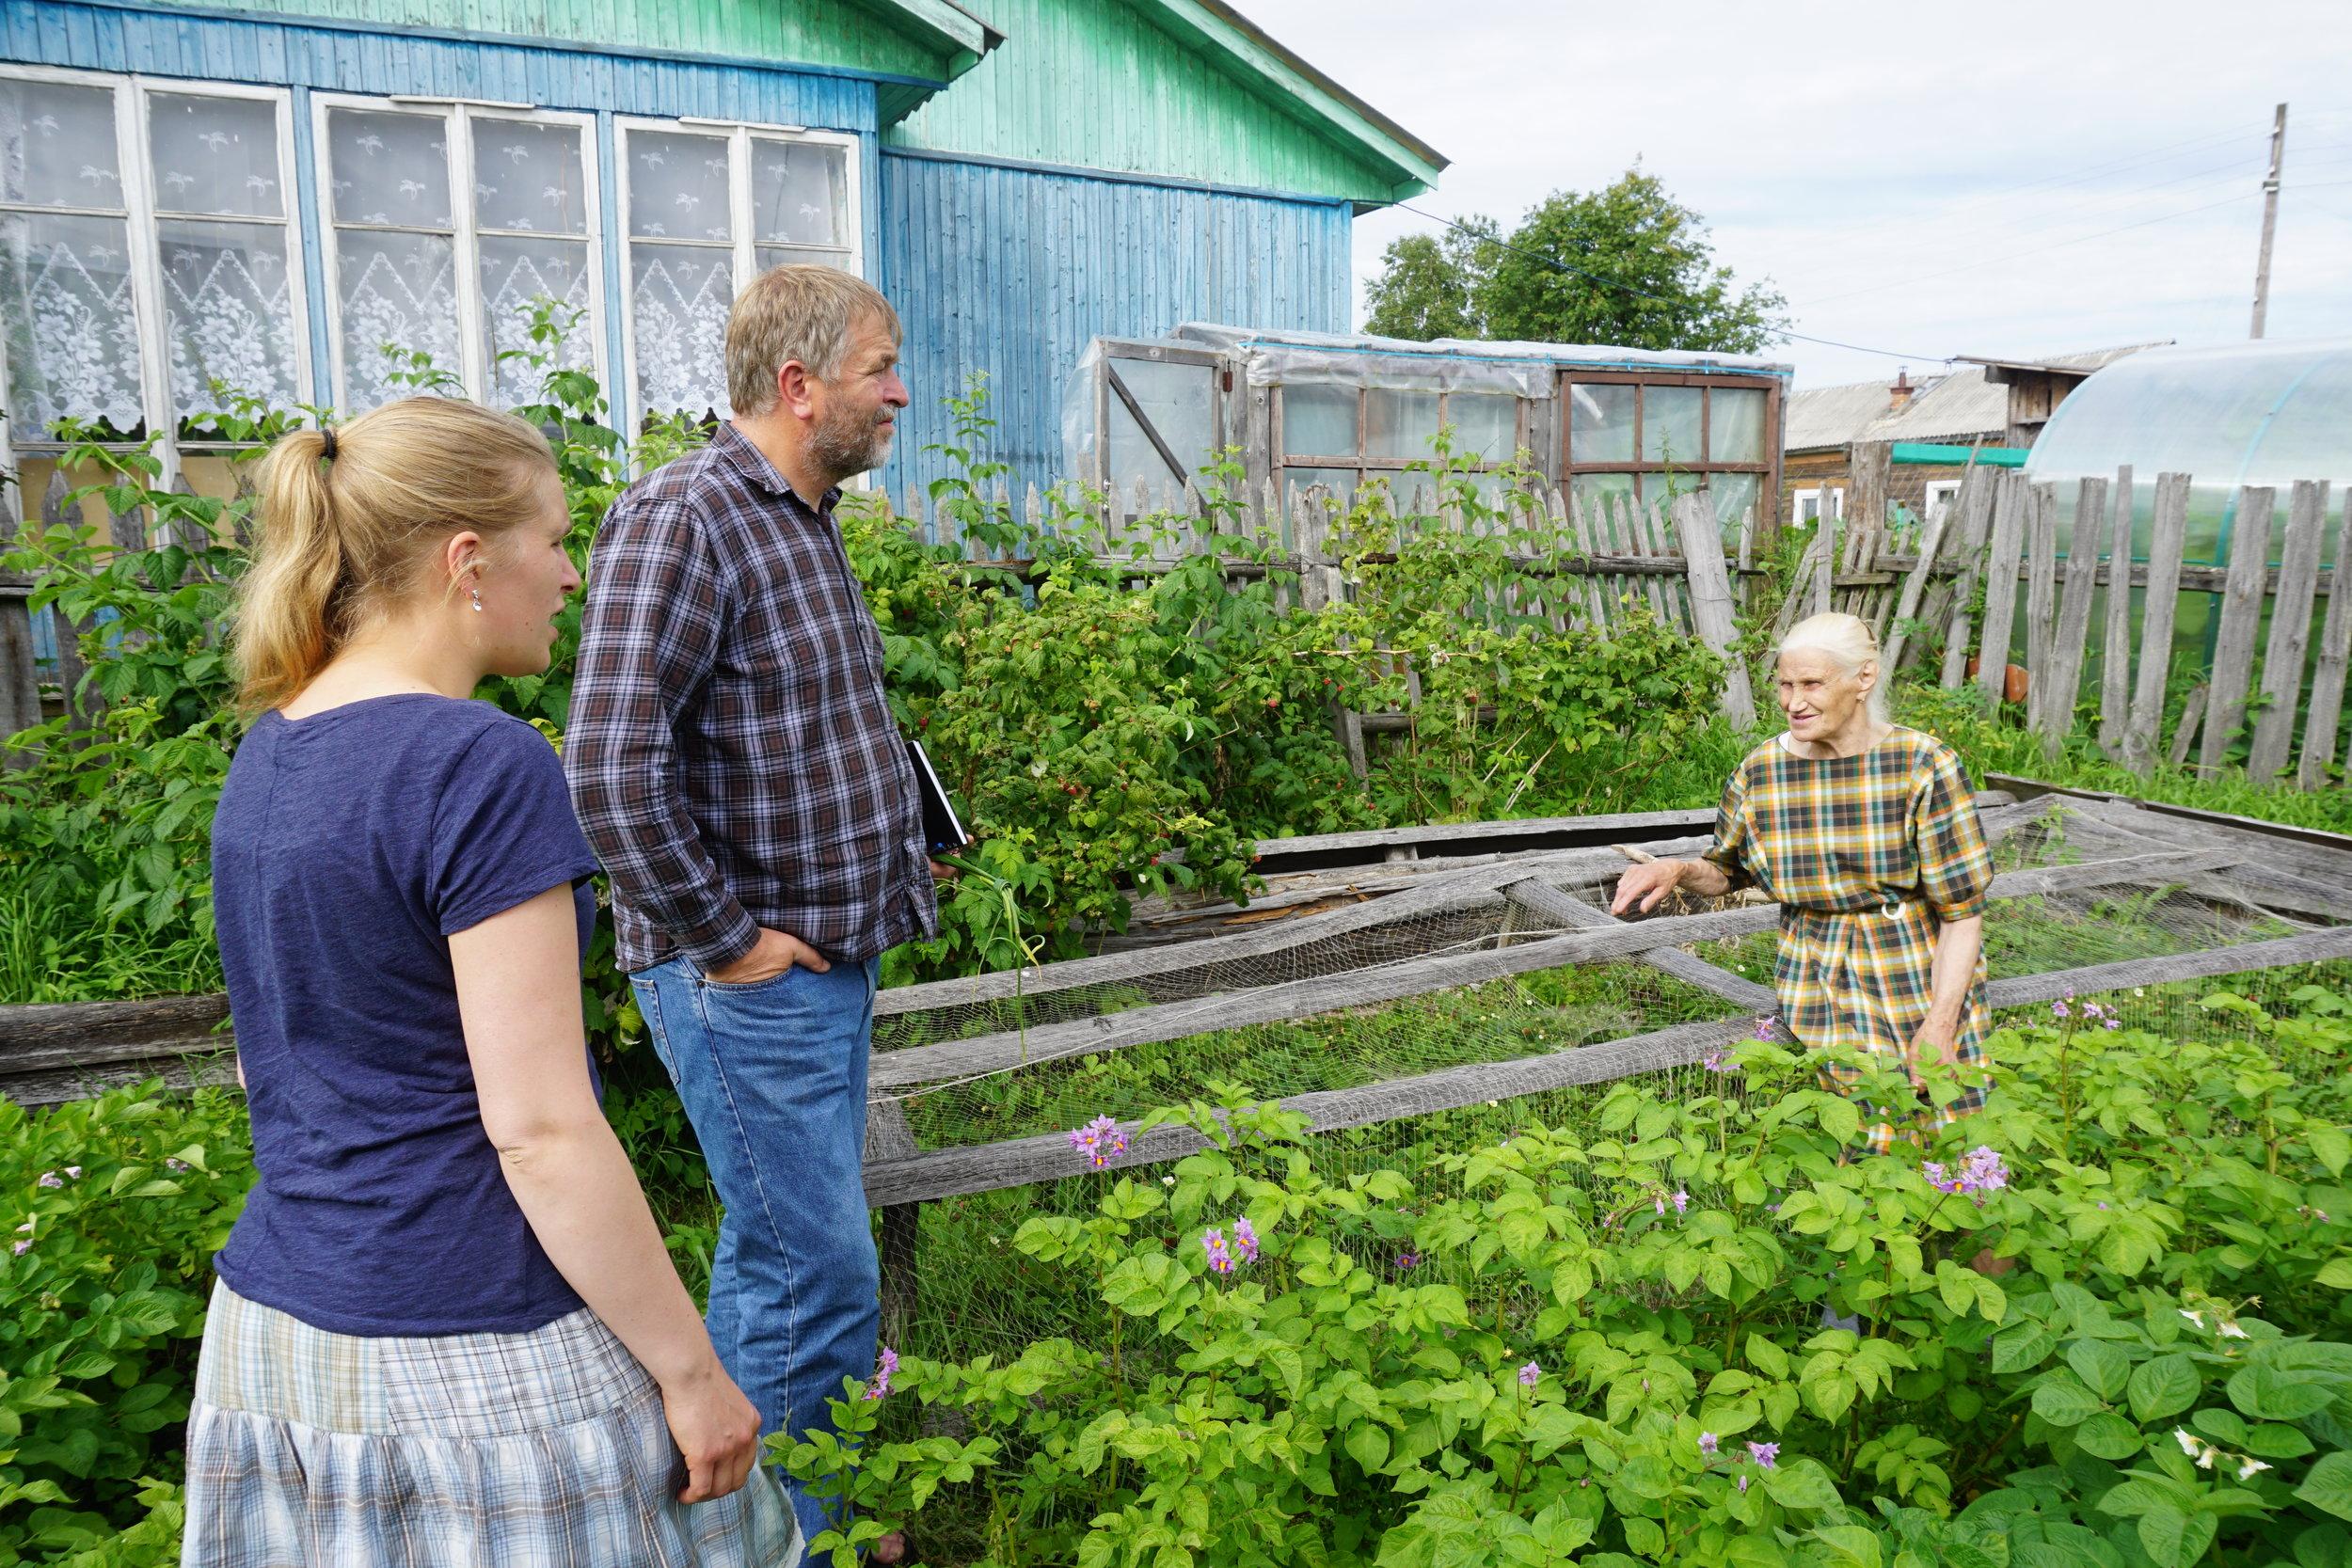 Hos det gamle ekteparet nord for Arkhangelsk dyrket de det meste av det de trengte på jorden rundt huset - og de levde godt